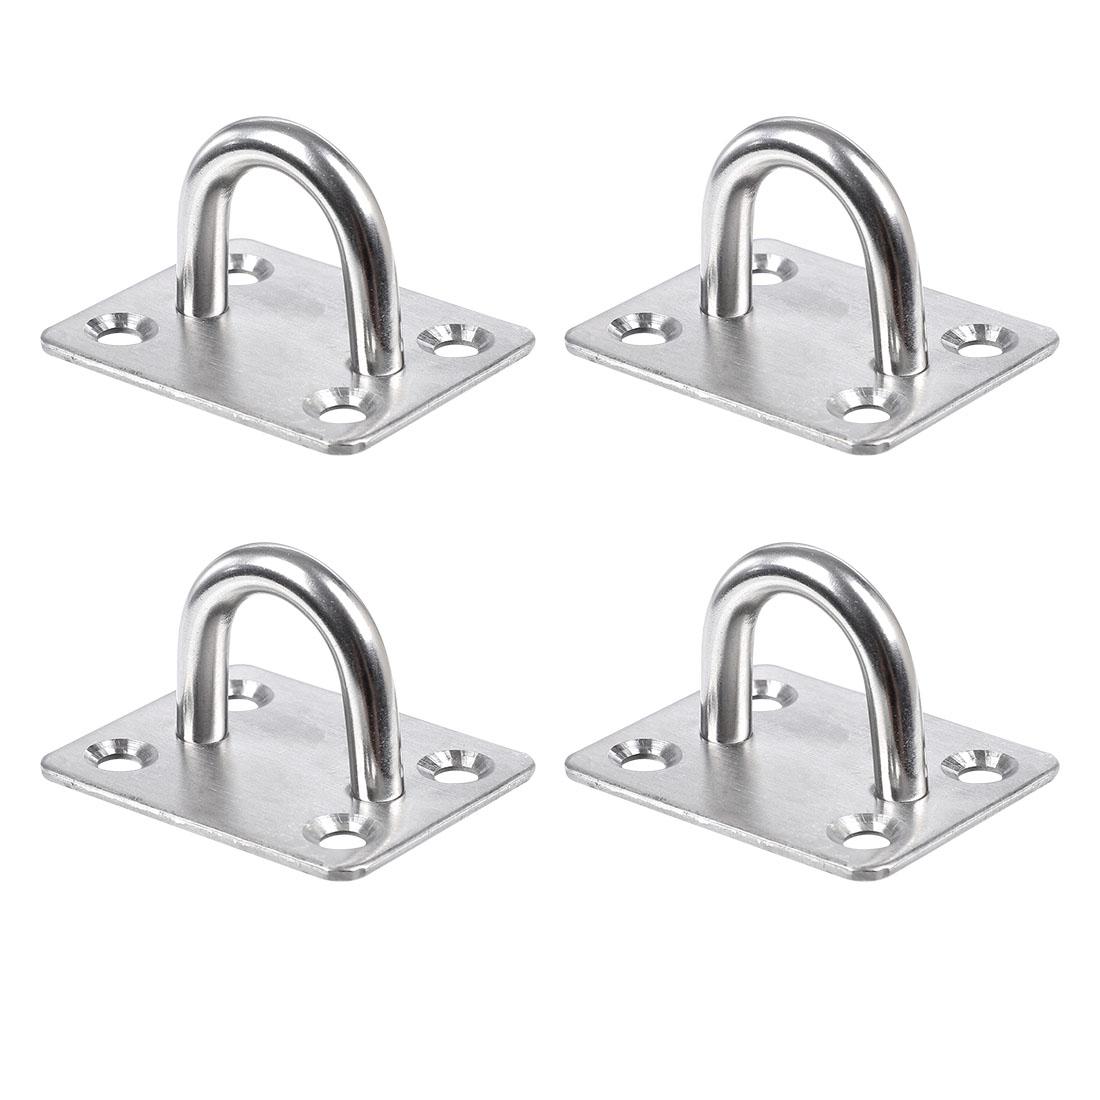 1.8 Inch Stainless Steel Window Gate Latch Lock Catch Eye Cabin Hook Plates 4pcs